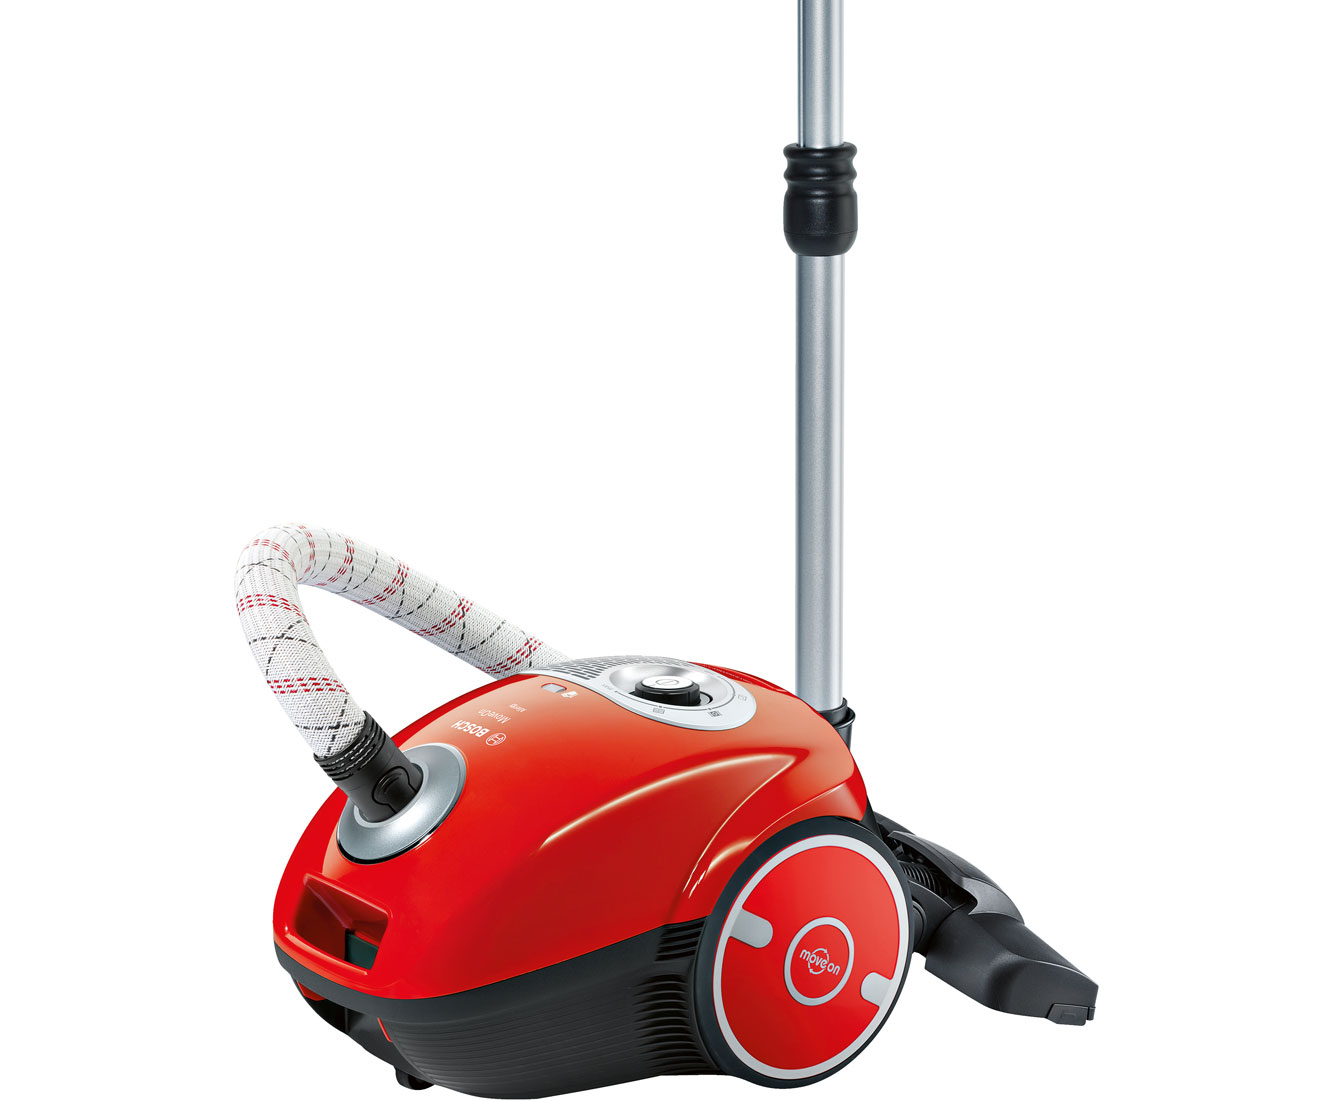 Bosch MoveOn BGL35MON13 Staubsauger - Rot | Flur & Diele > Haushaltsgeräte > Staubsauger | Rot | Bosch